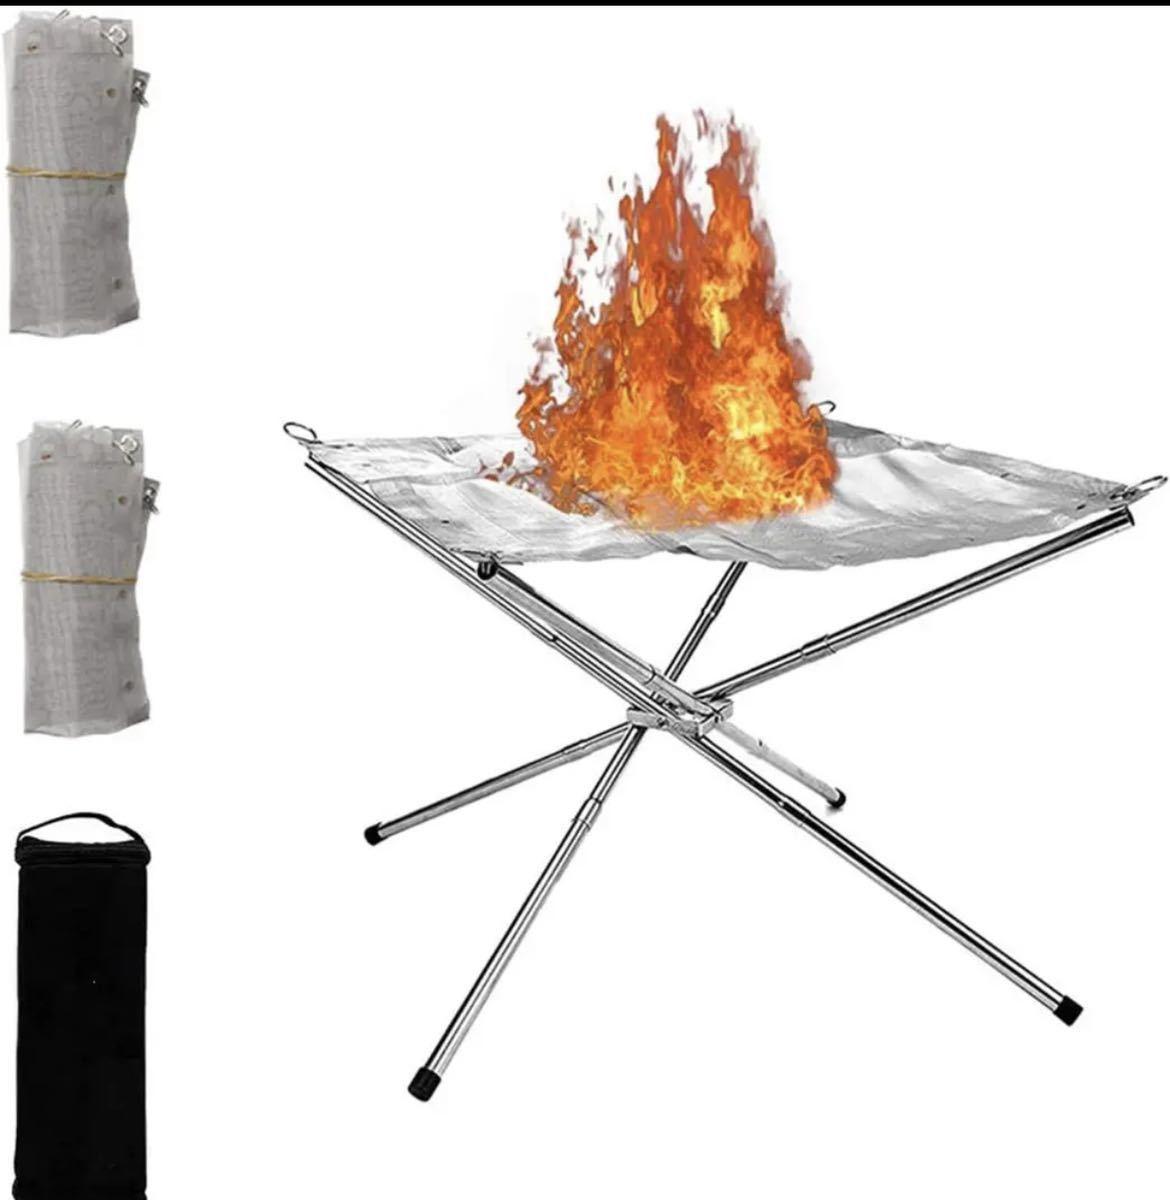 焚き火台 メッシュ2枚付 折りたたみ式 焚き火スタンド アウトドア キャンプ用品 焚火台